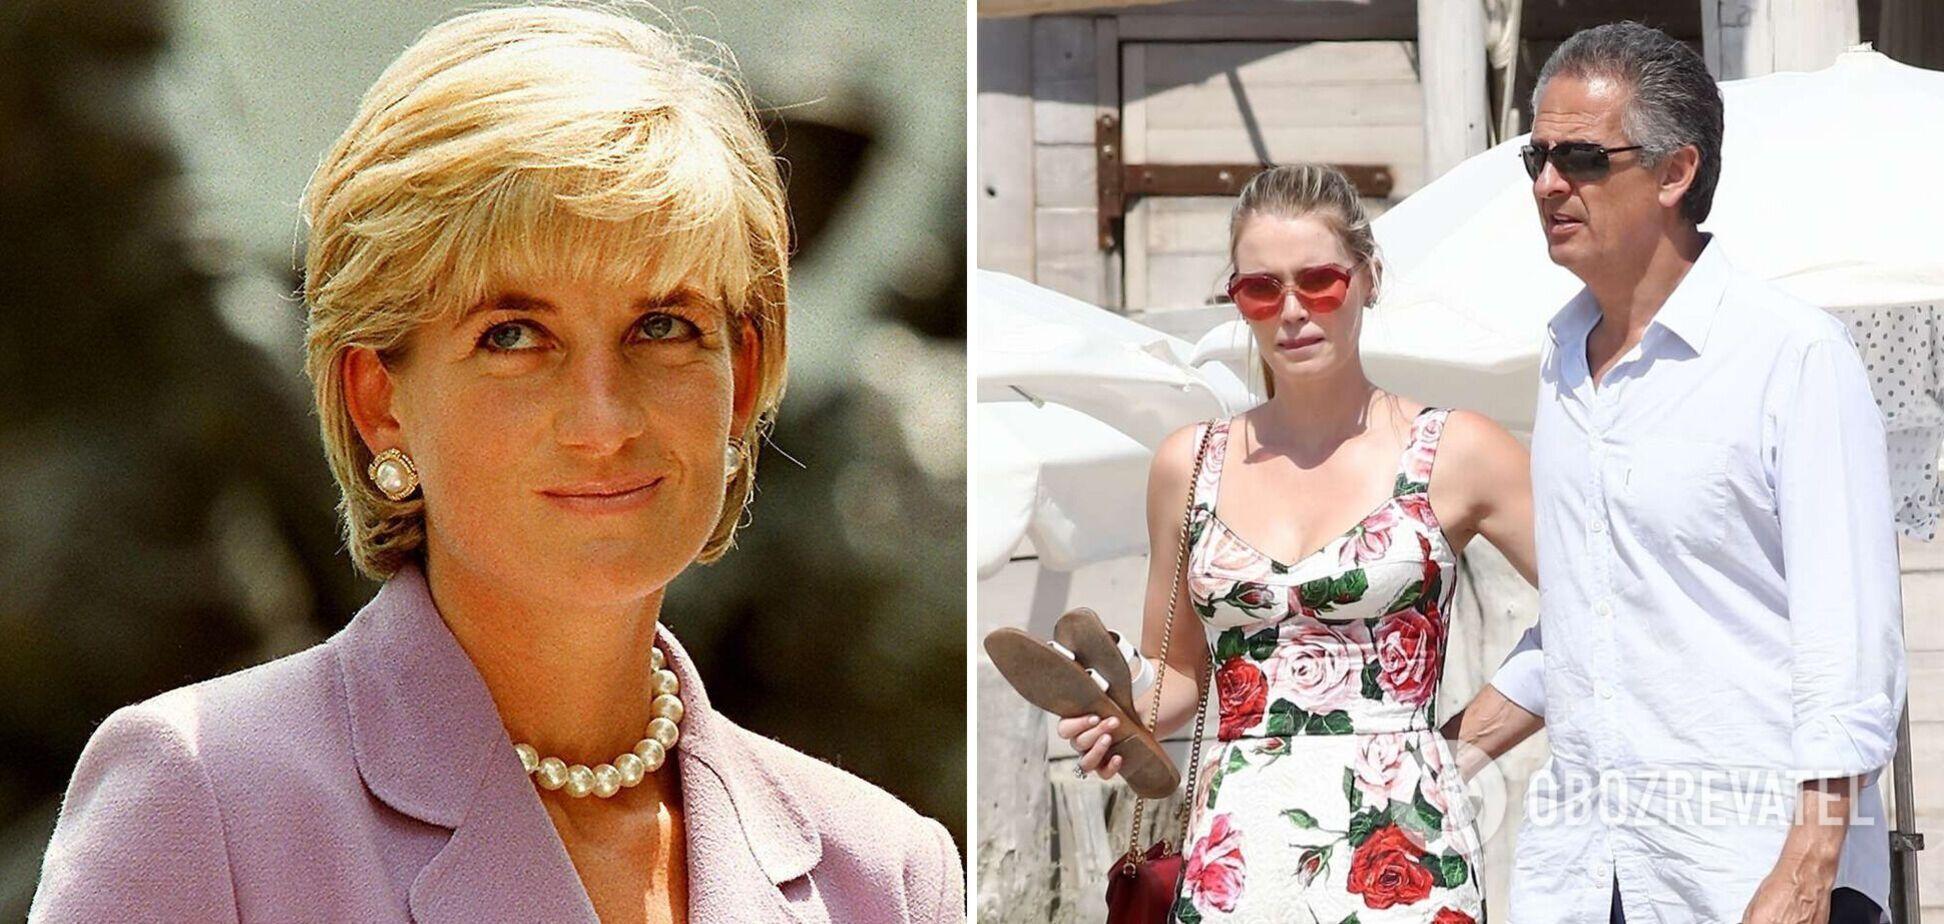 30-річна племінниця принцеси Діани вийшла заміж за 62-річного мільярдера